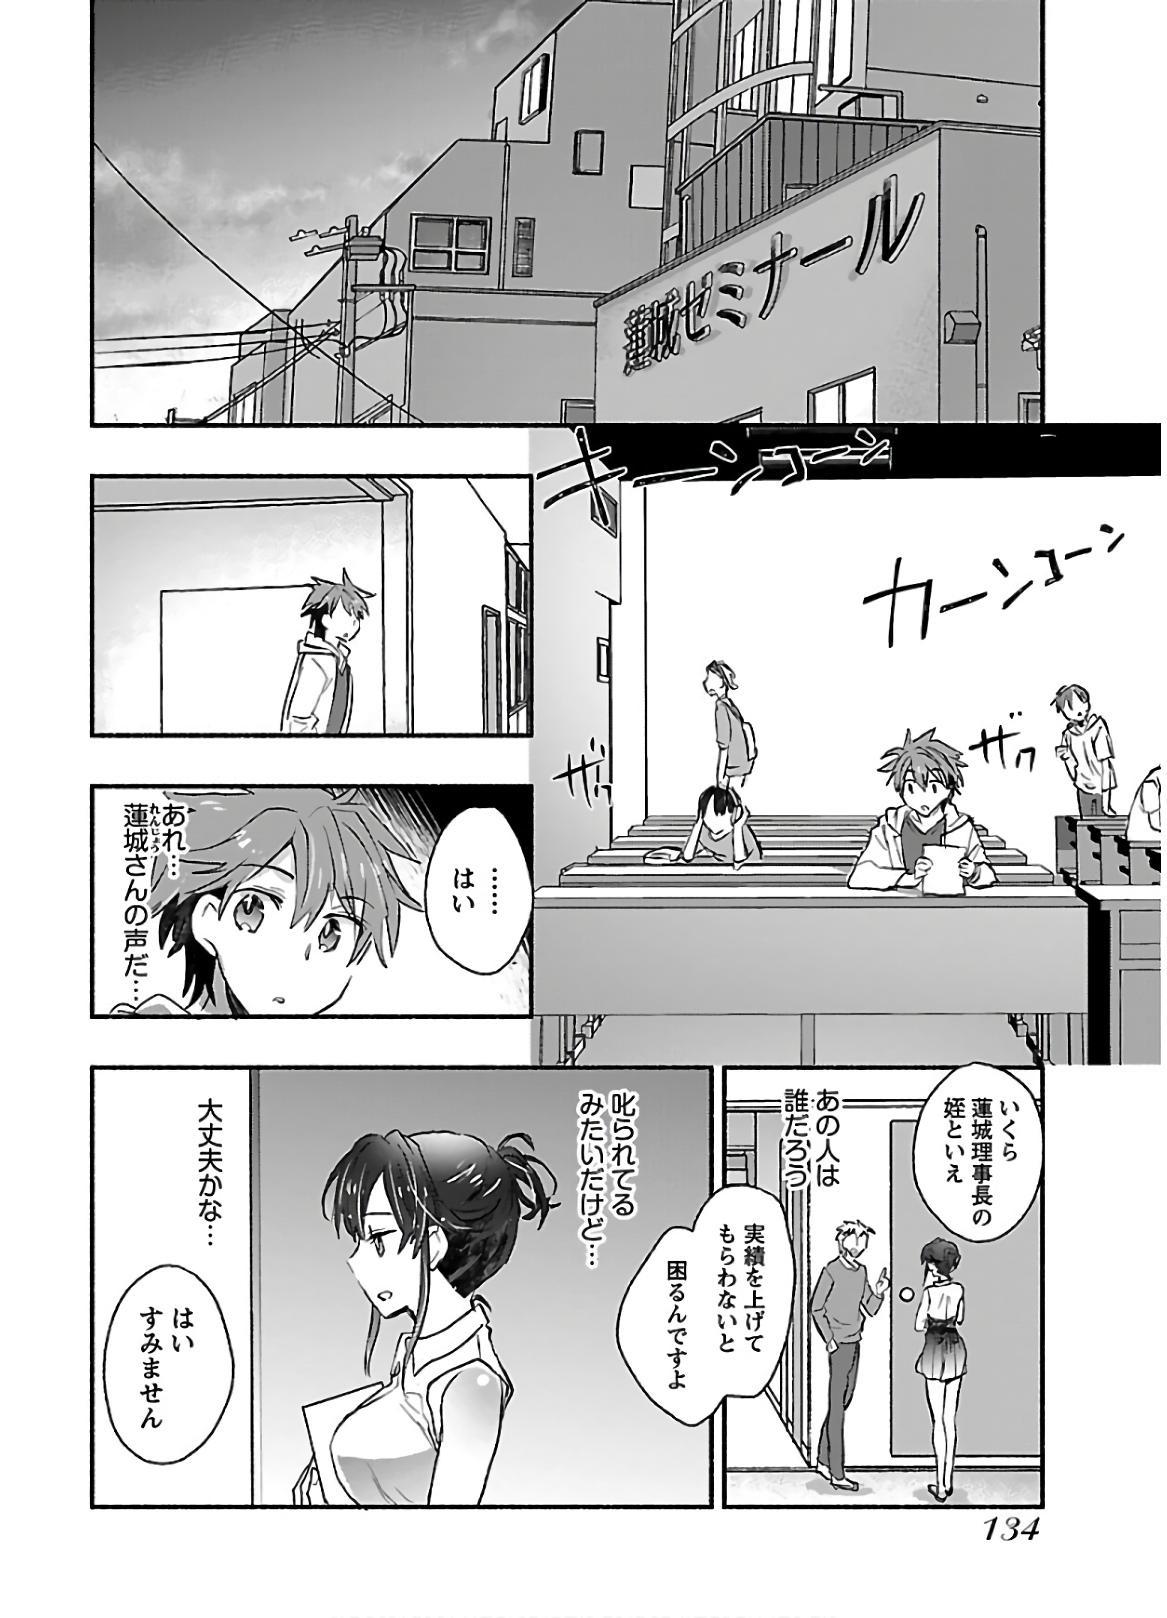 Yankii musume ni natsukarete kotoshi mo juken ni shippai shisou desu  vol.1 135